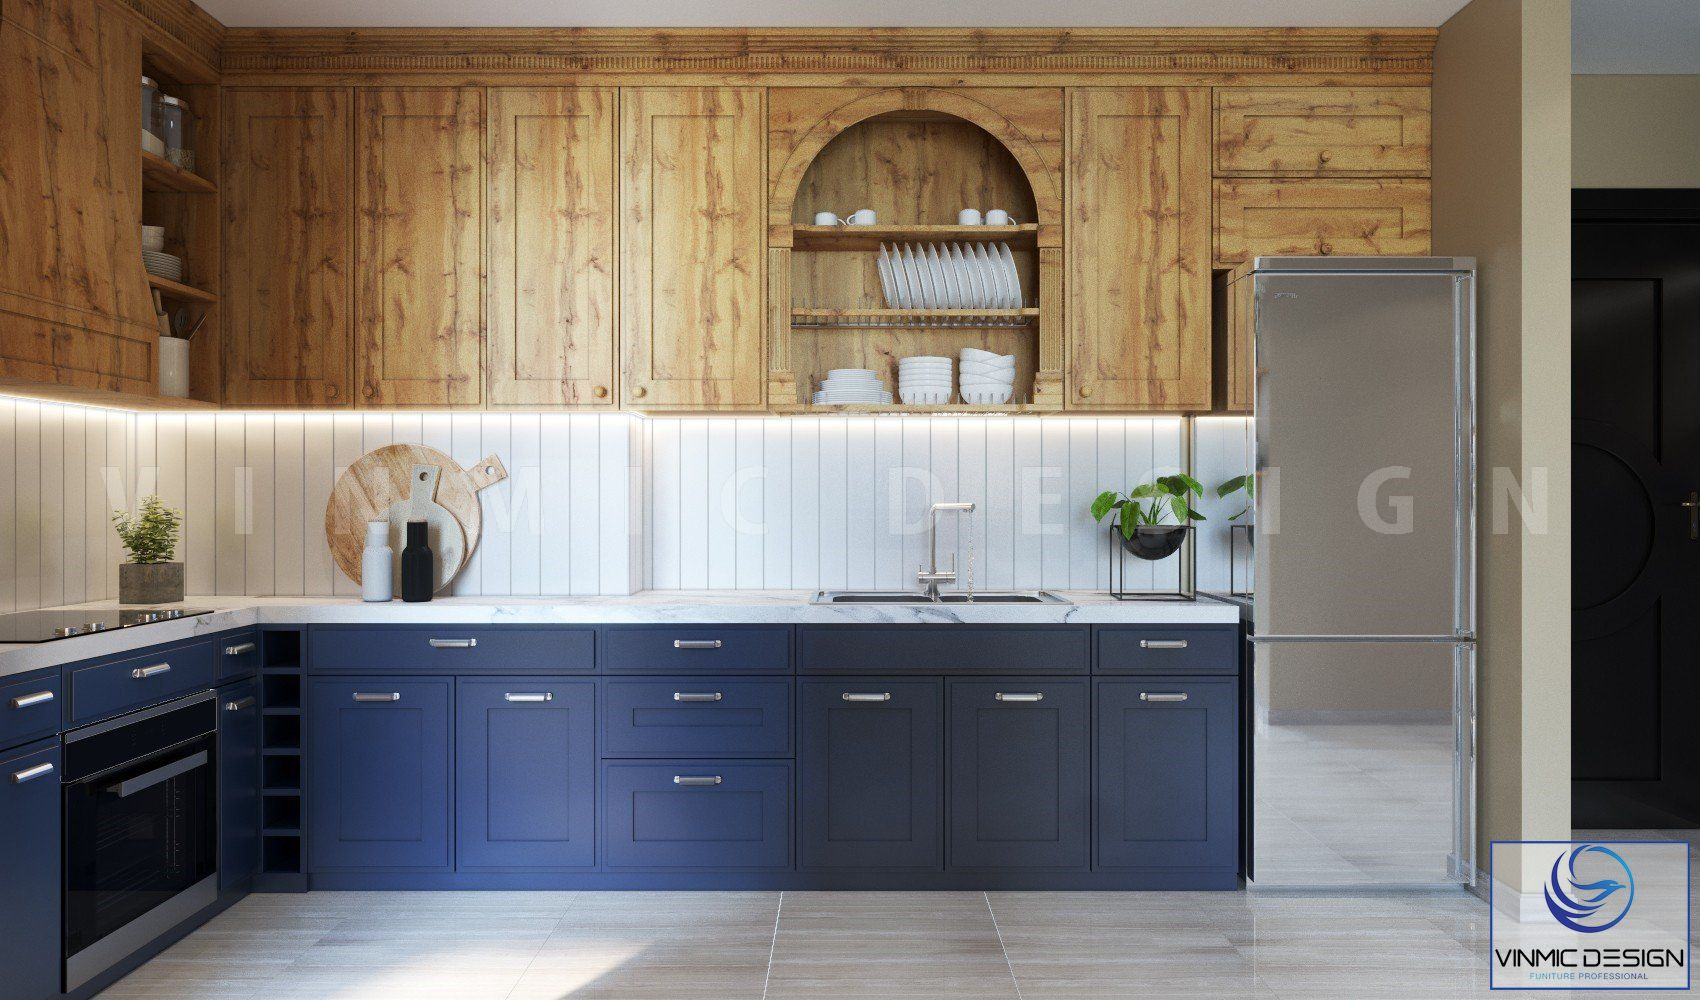 Tủ bếp được thiết kế kịch trần để tận dụng công năng sử dụng